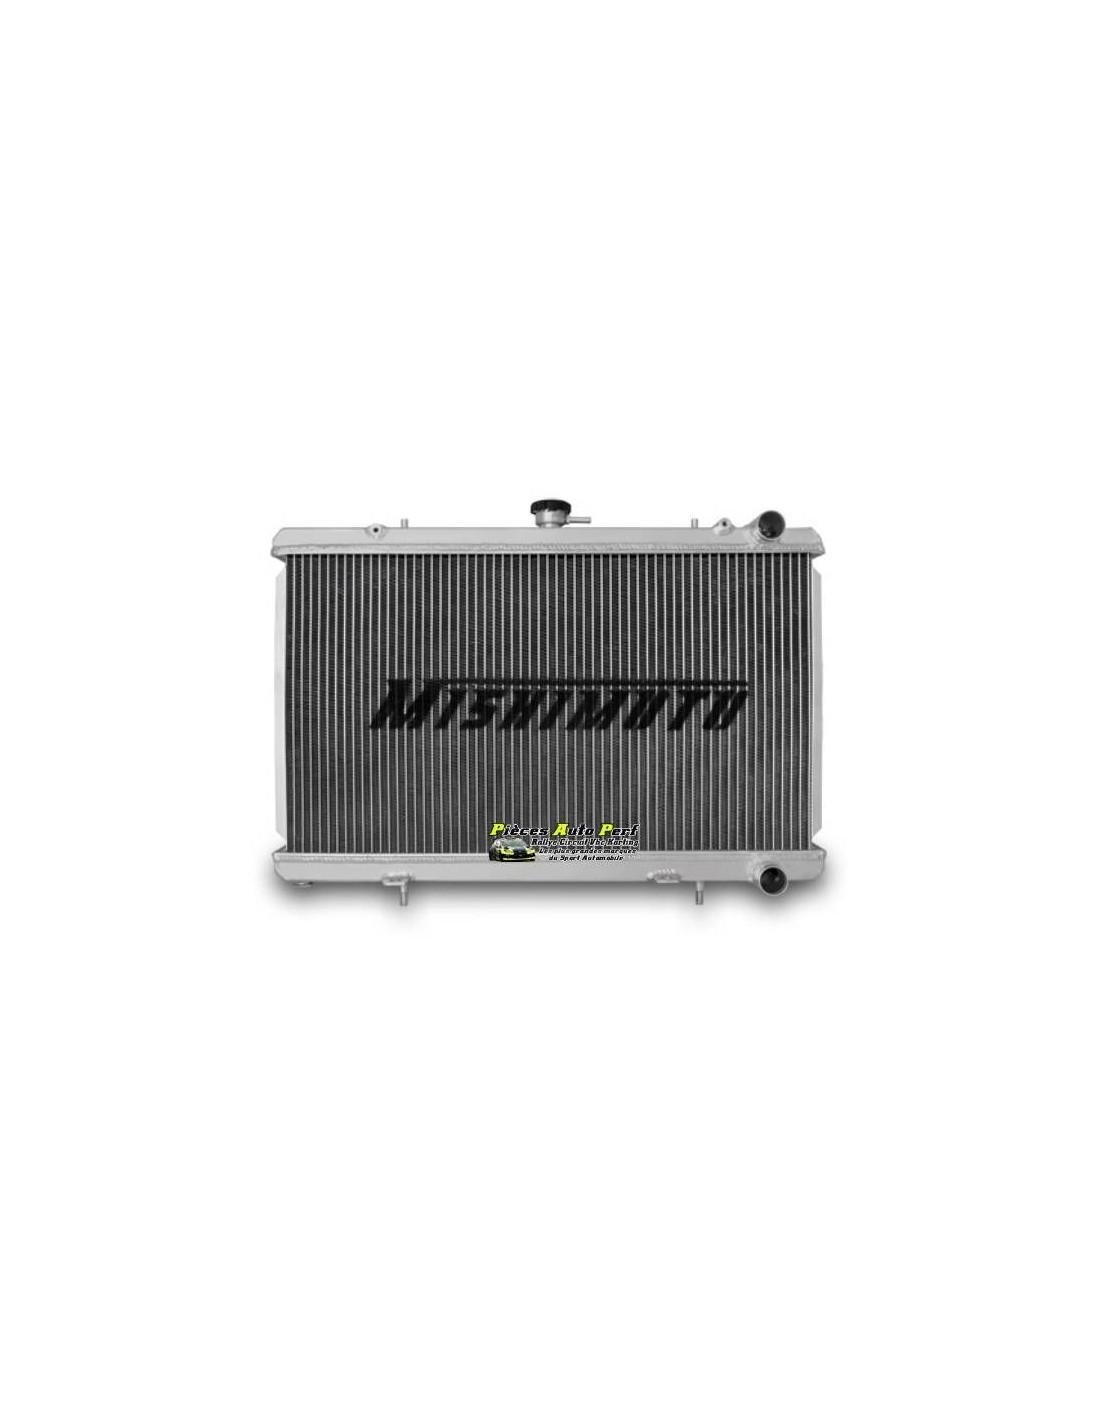 radiateur d 39 eau aluminium performance mishimoto pour nissan 240 sx s13. Black Bedroom Furniture Sets. Home Design Ideas